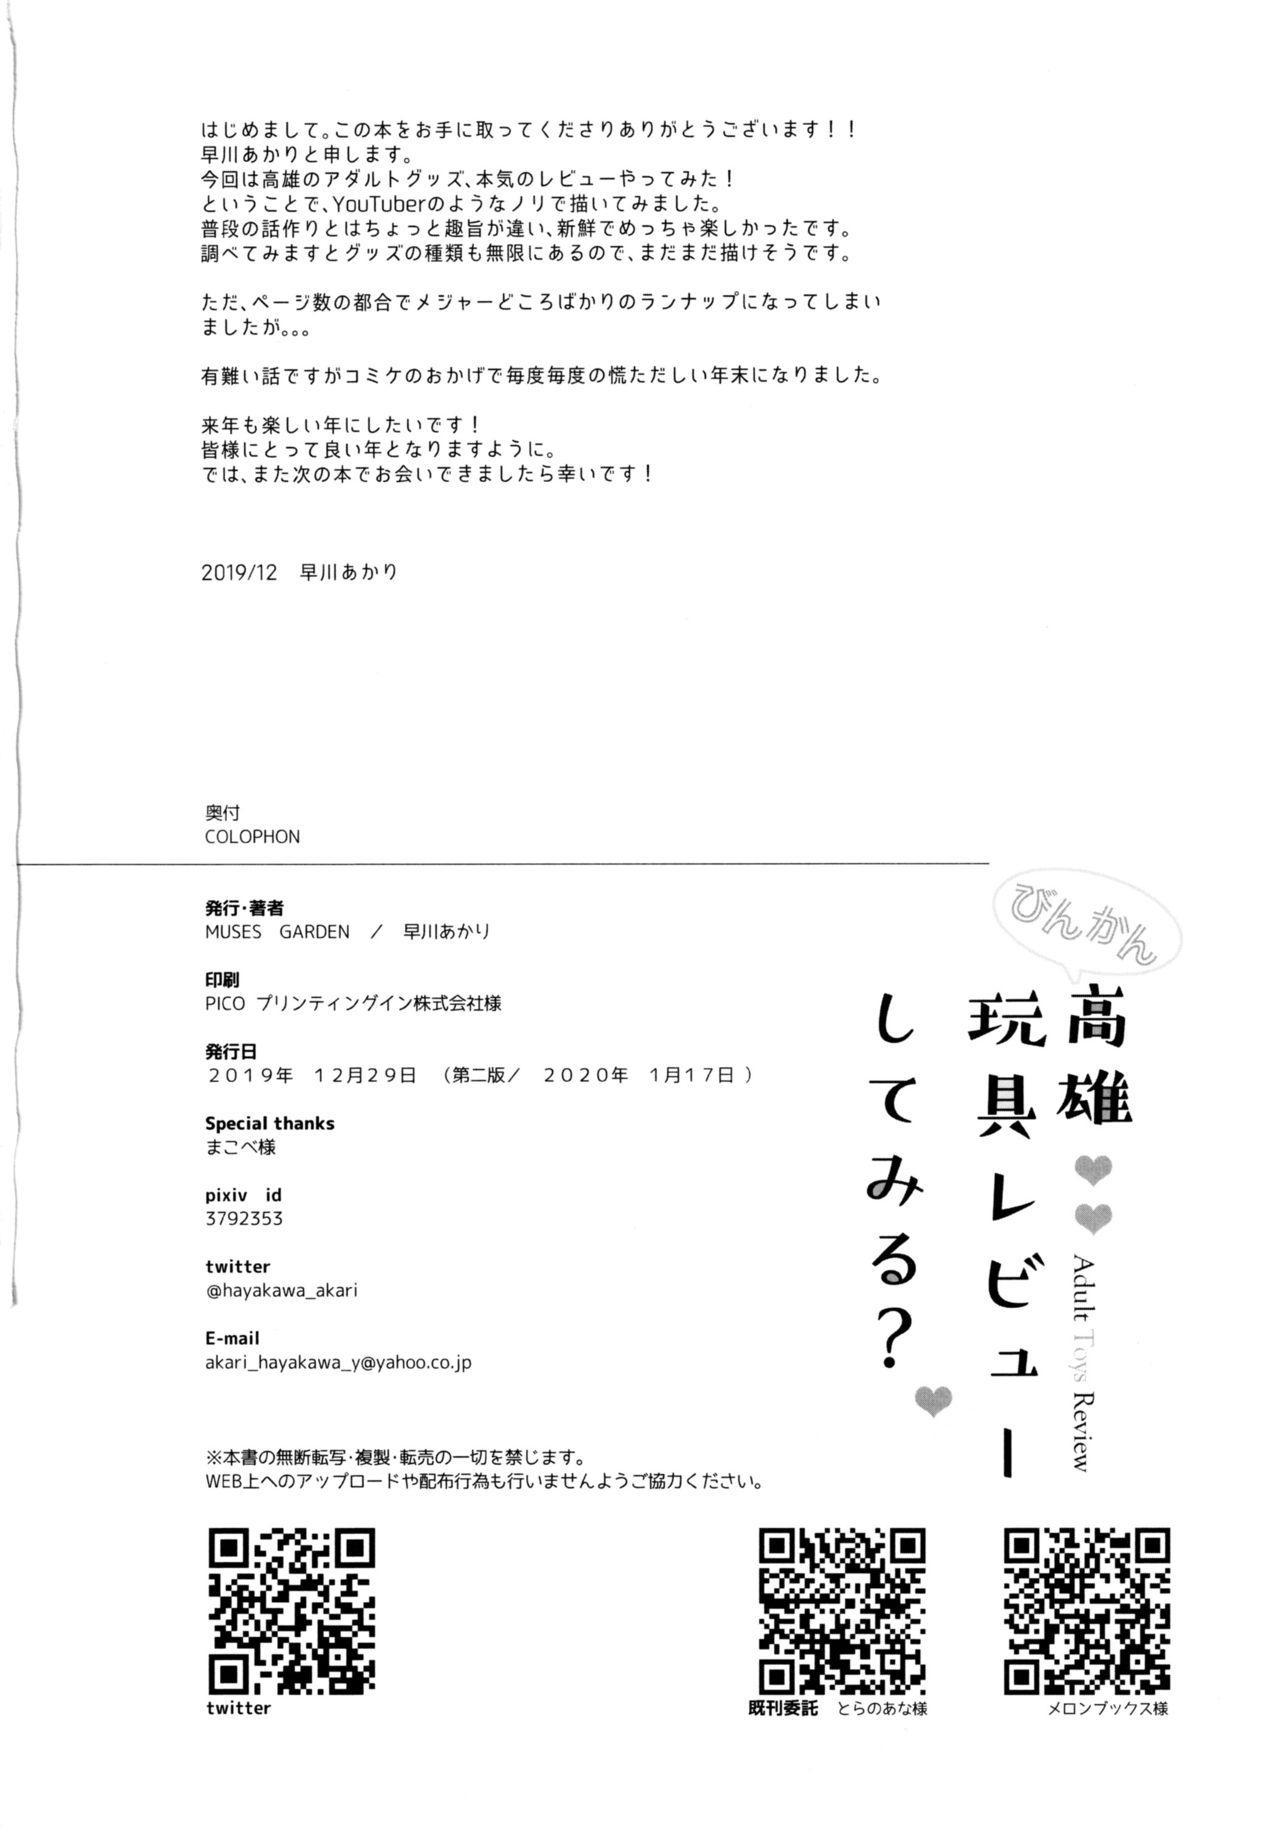 Binkan Takao Omocha Review Shite Miru? 20